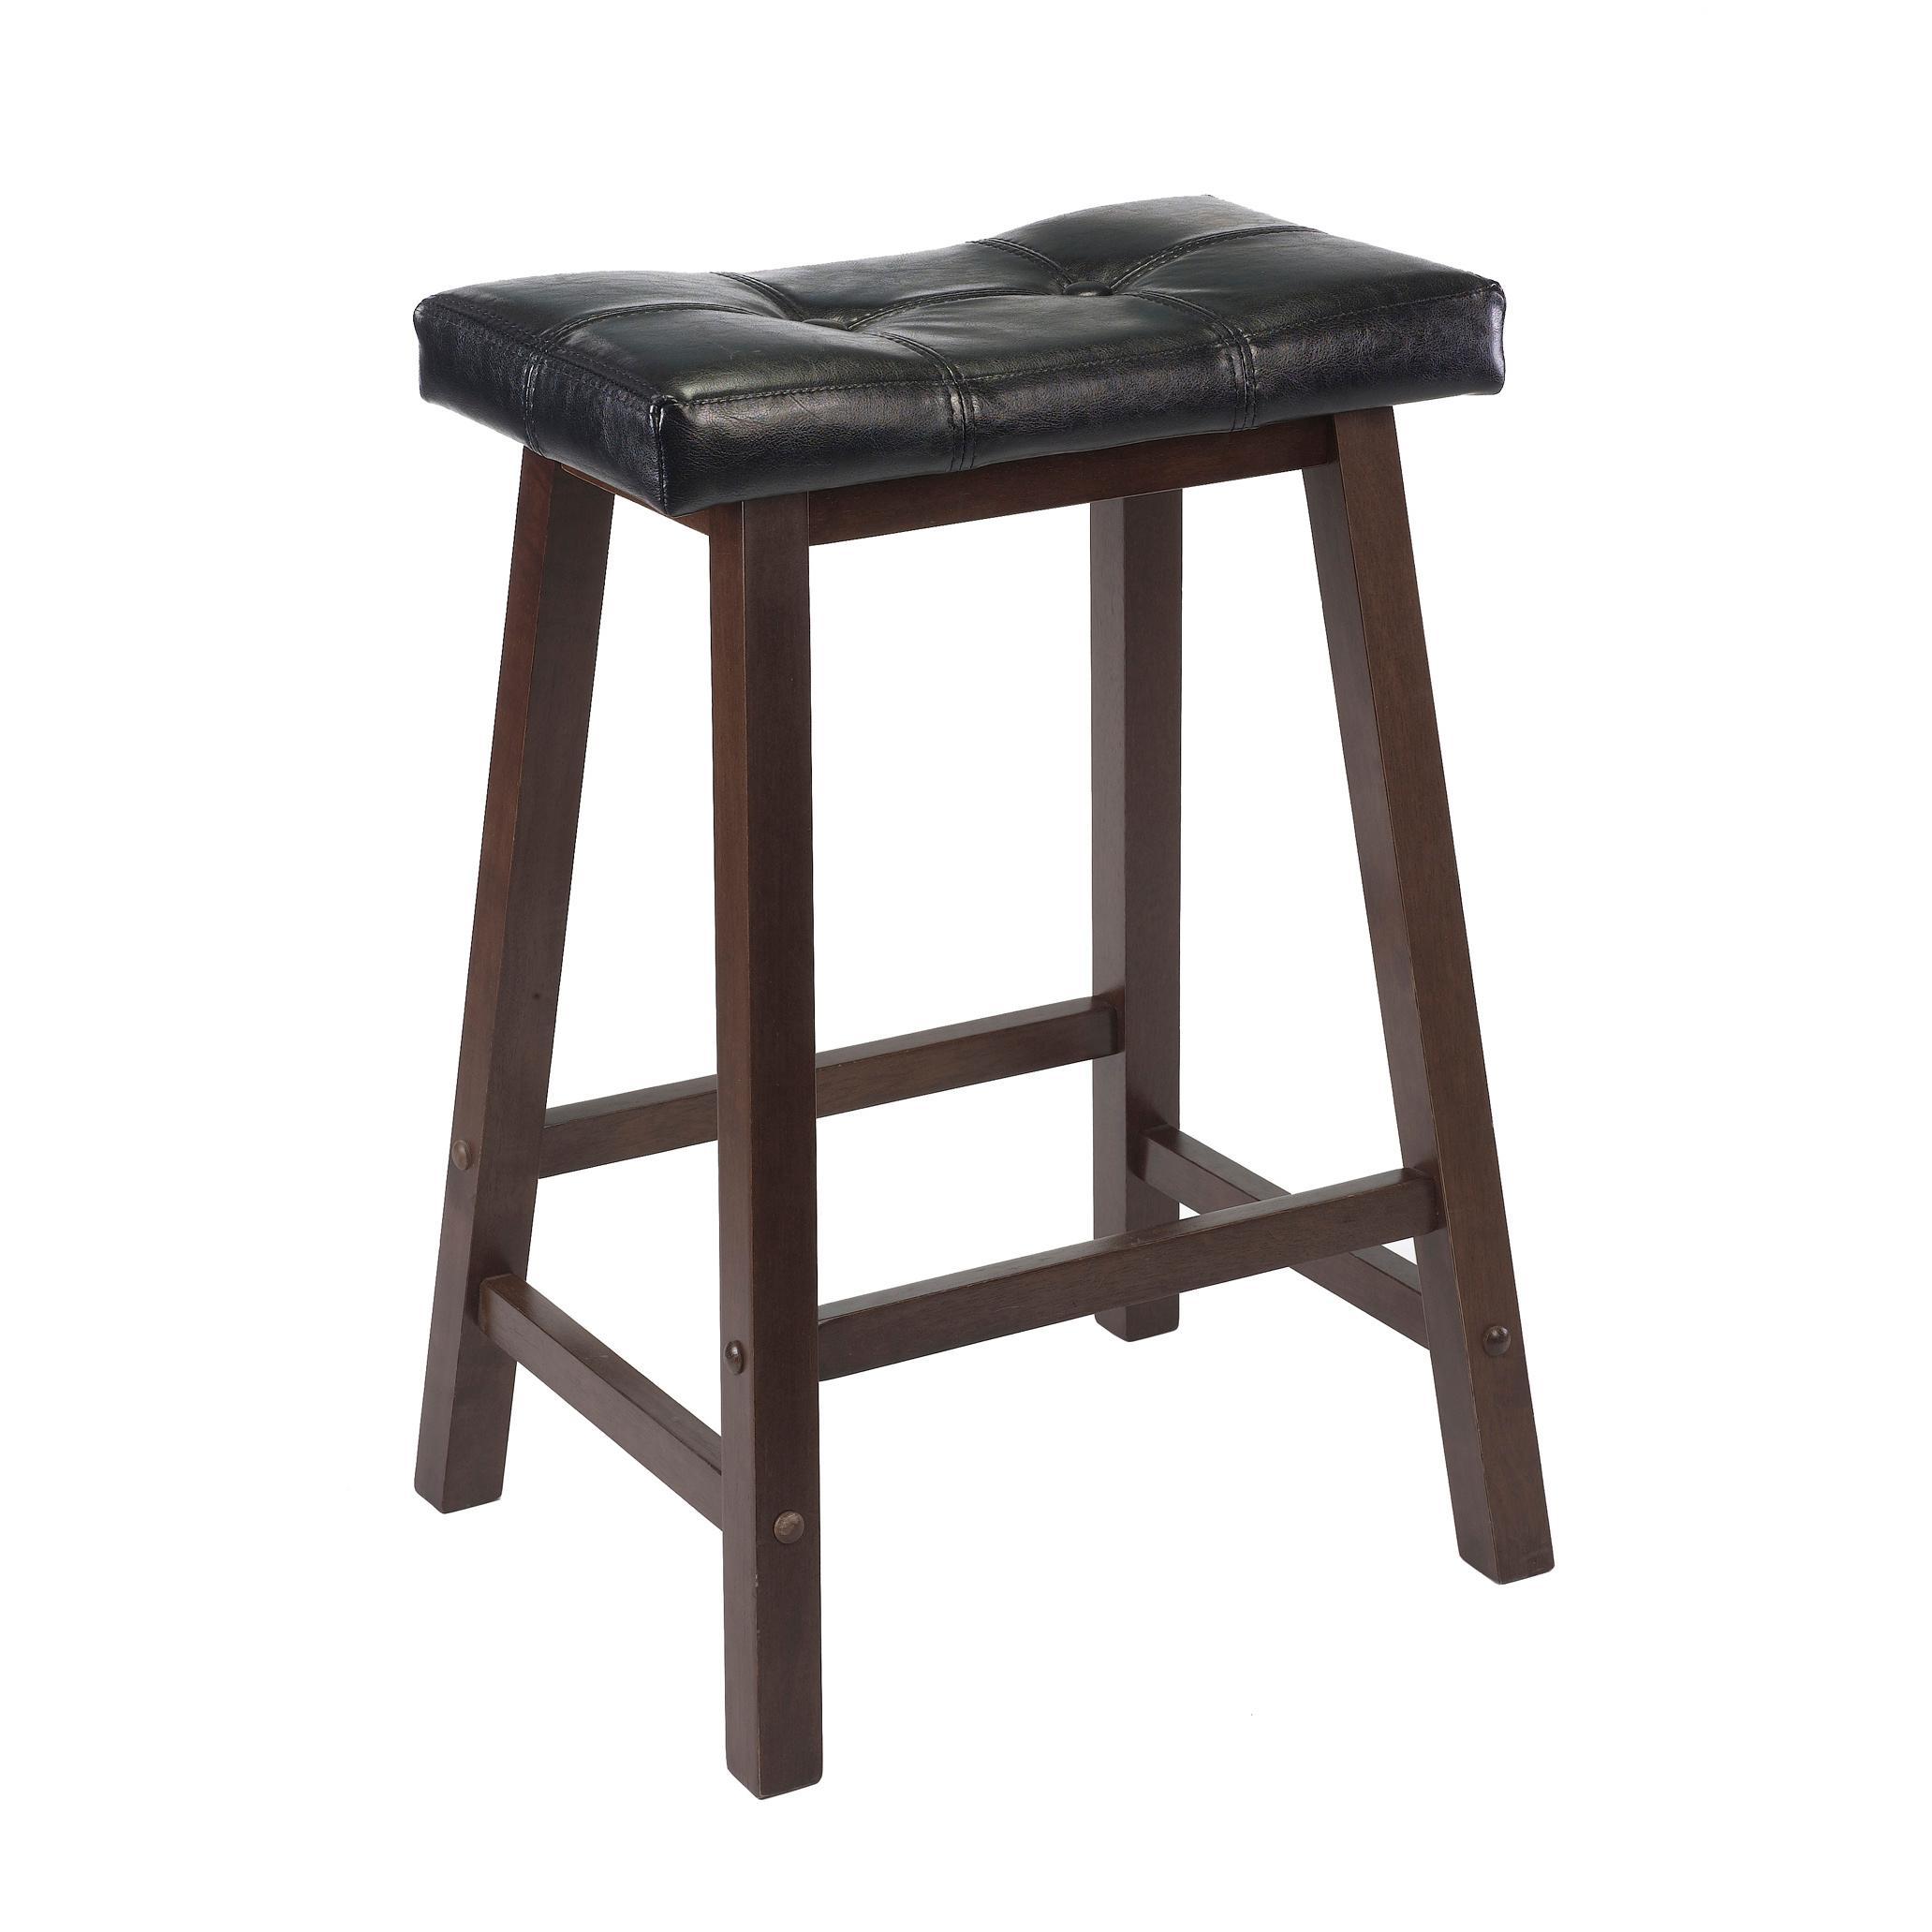 Amazon.com: Winsome Mona 24-Inch Cushion Saddle Seat Stool, Black ...